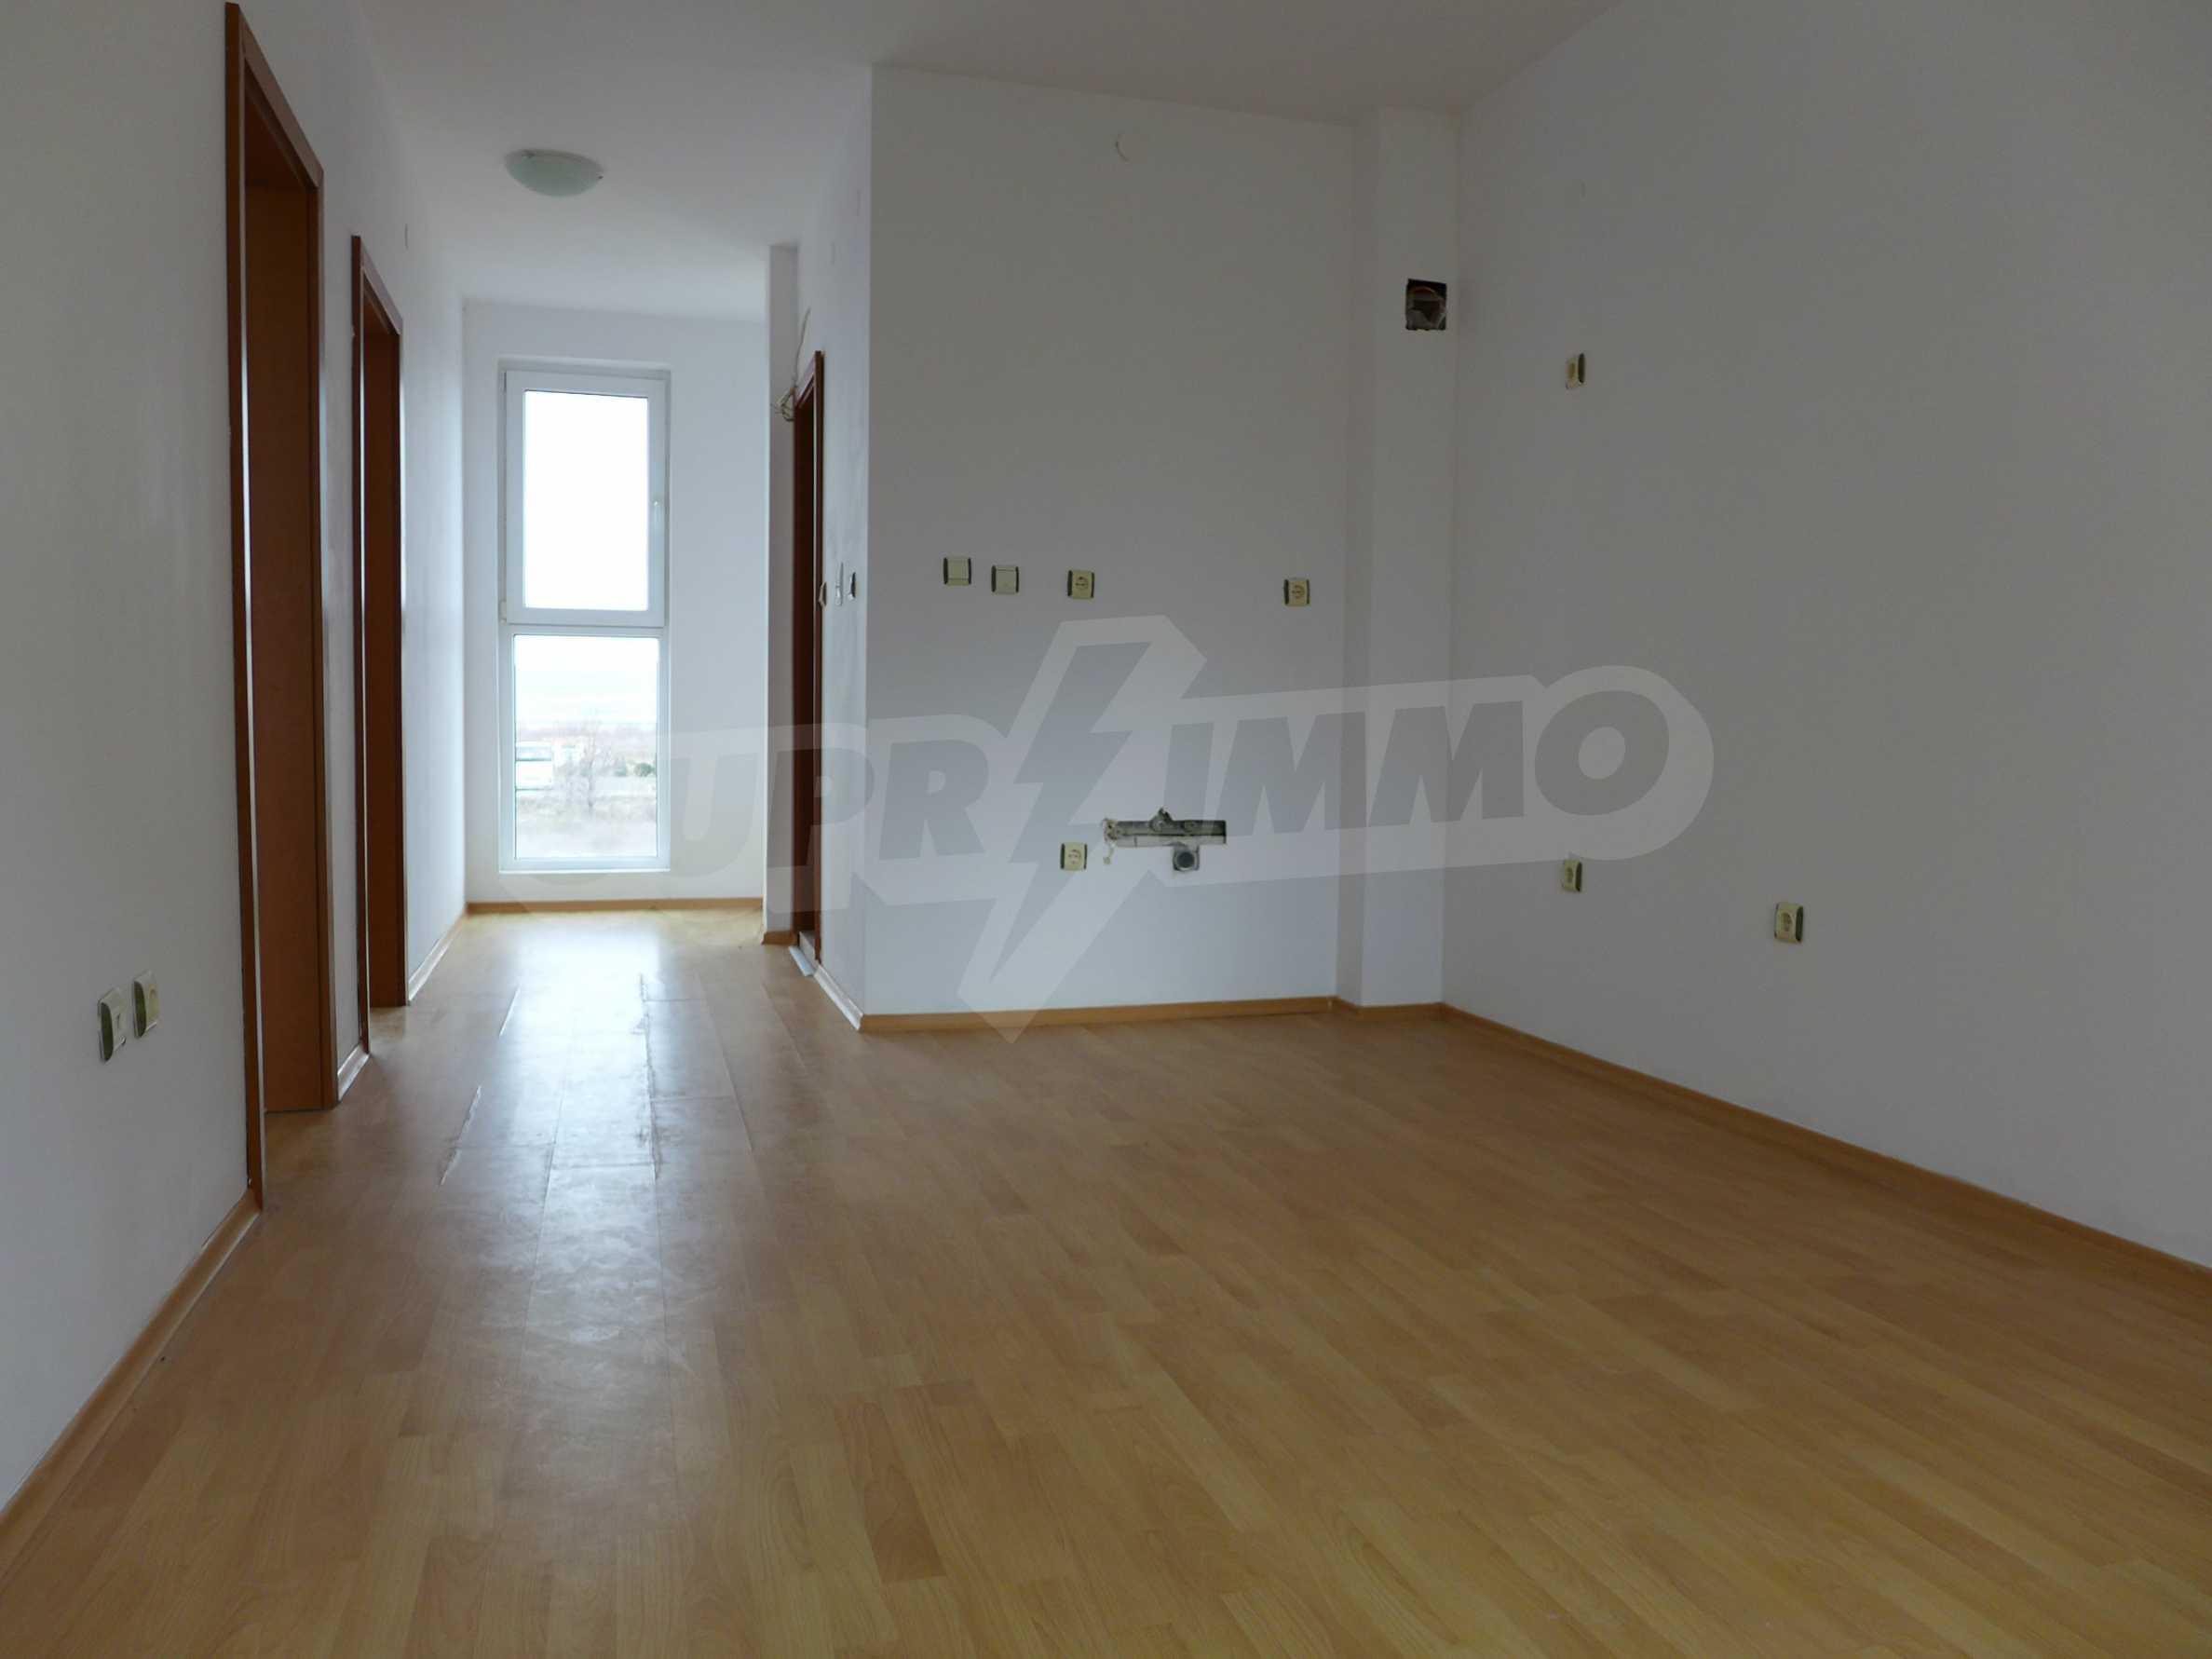 Geräumige Wohnung in einem modernen Komplex Sunny Day 3 2